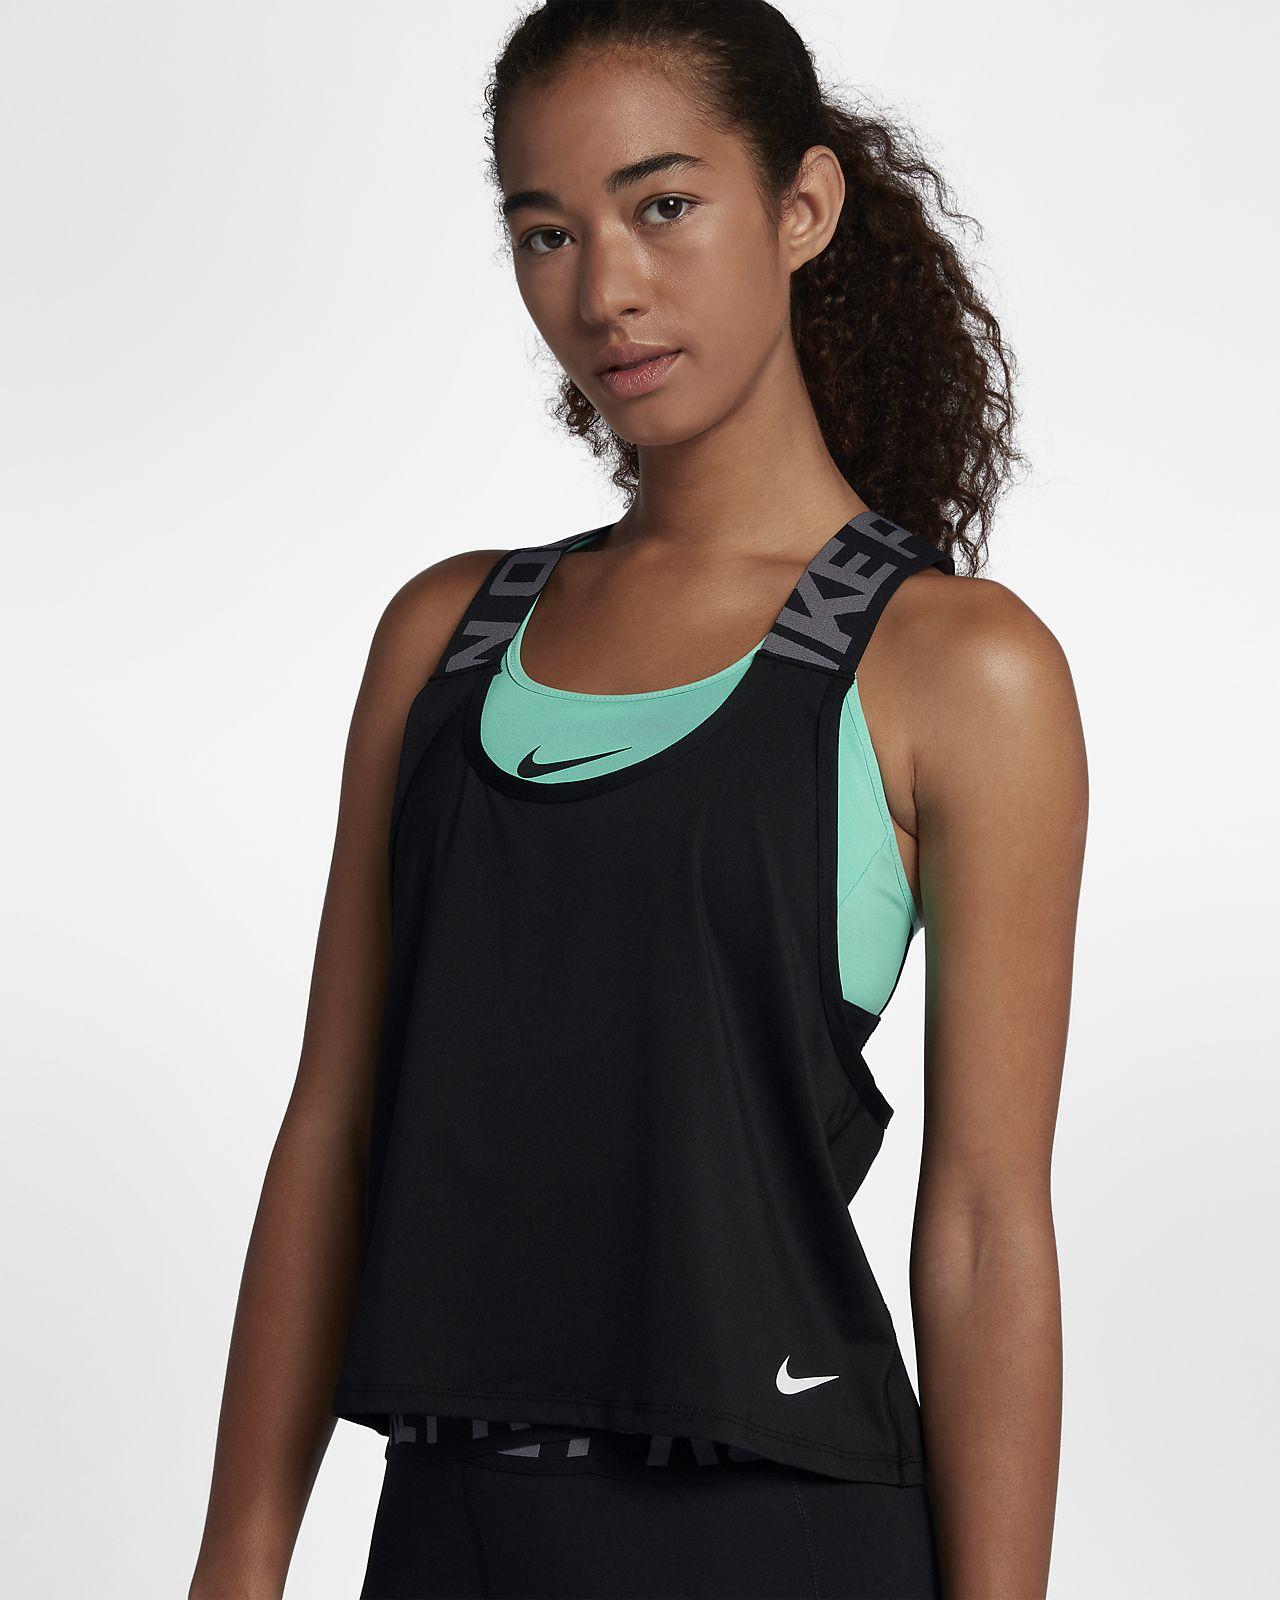 official photos 9d3eb 81358 ... Débardeur Nike Pro Intertwist pour Femme